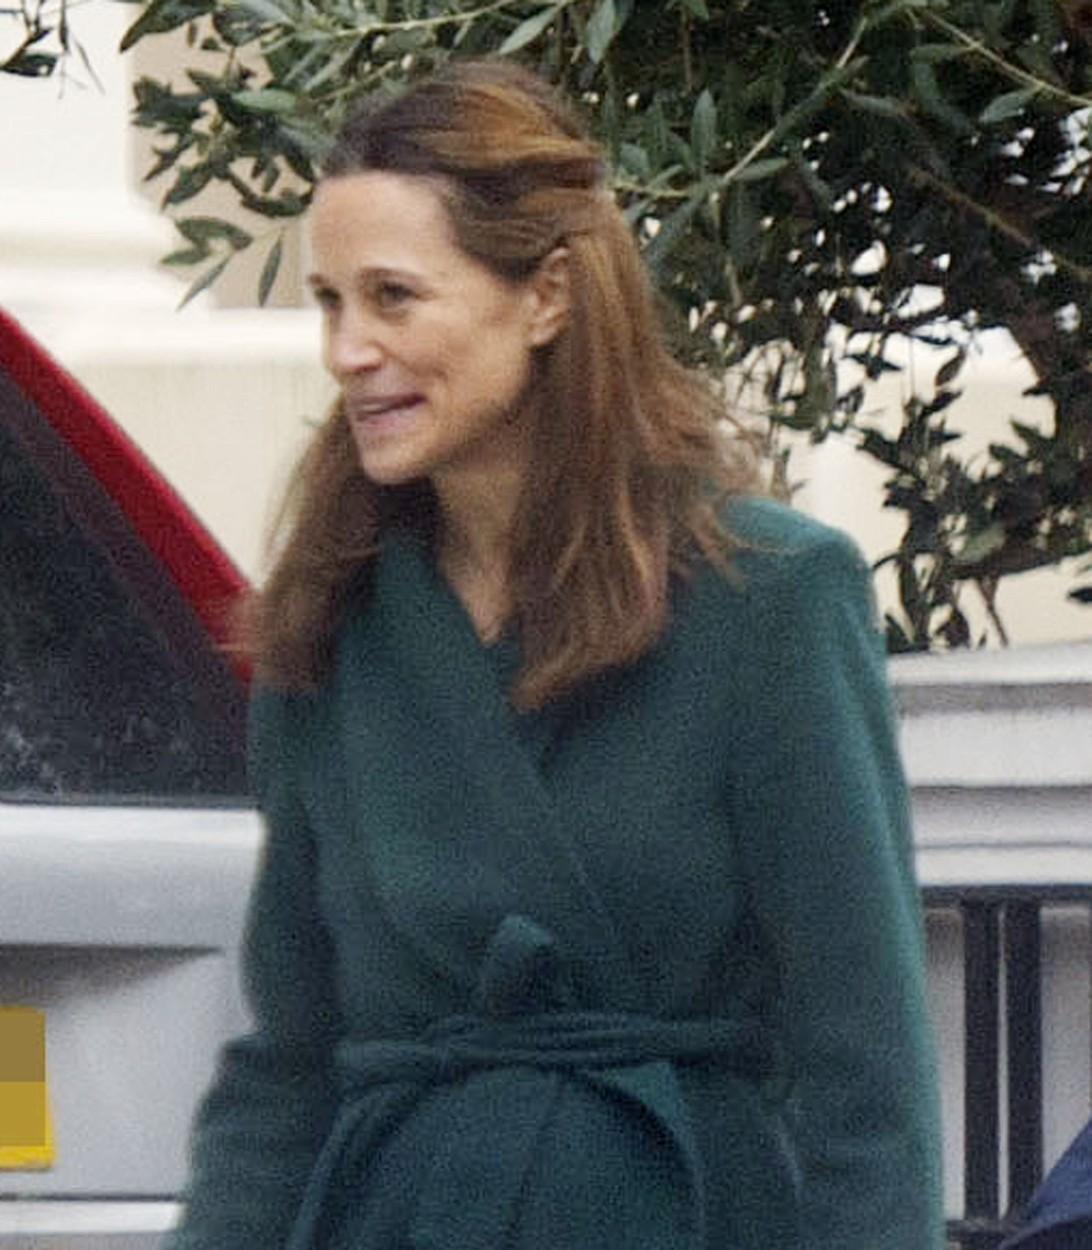 Prima apariție a Pippei Middleton după ce a născut, fotografiată în Londra